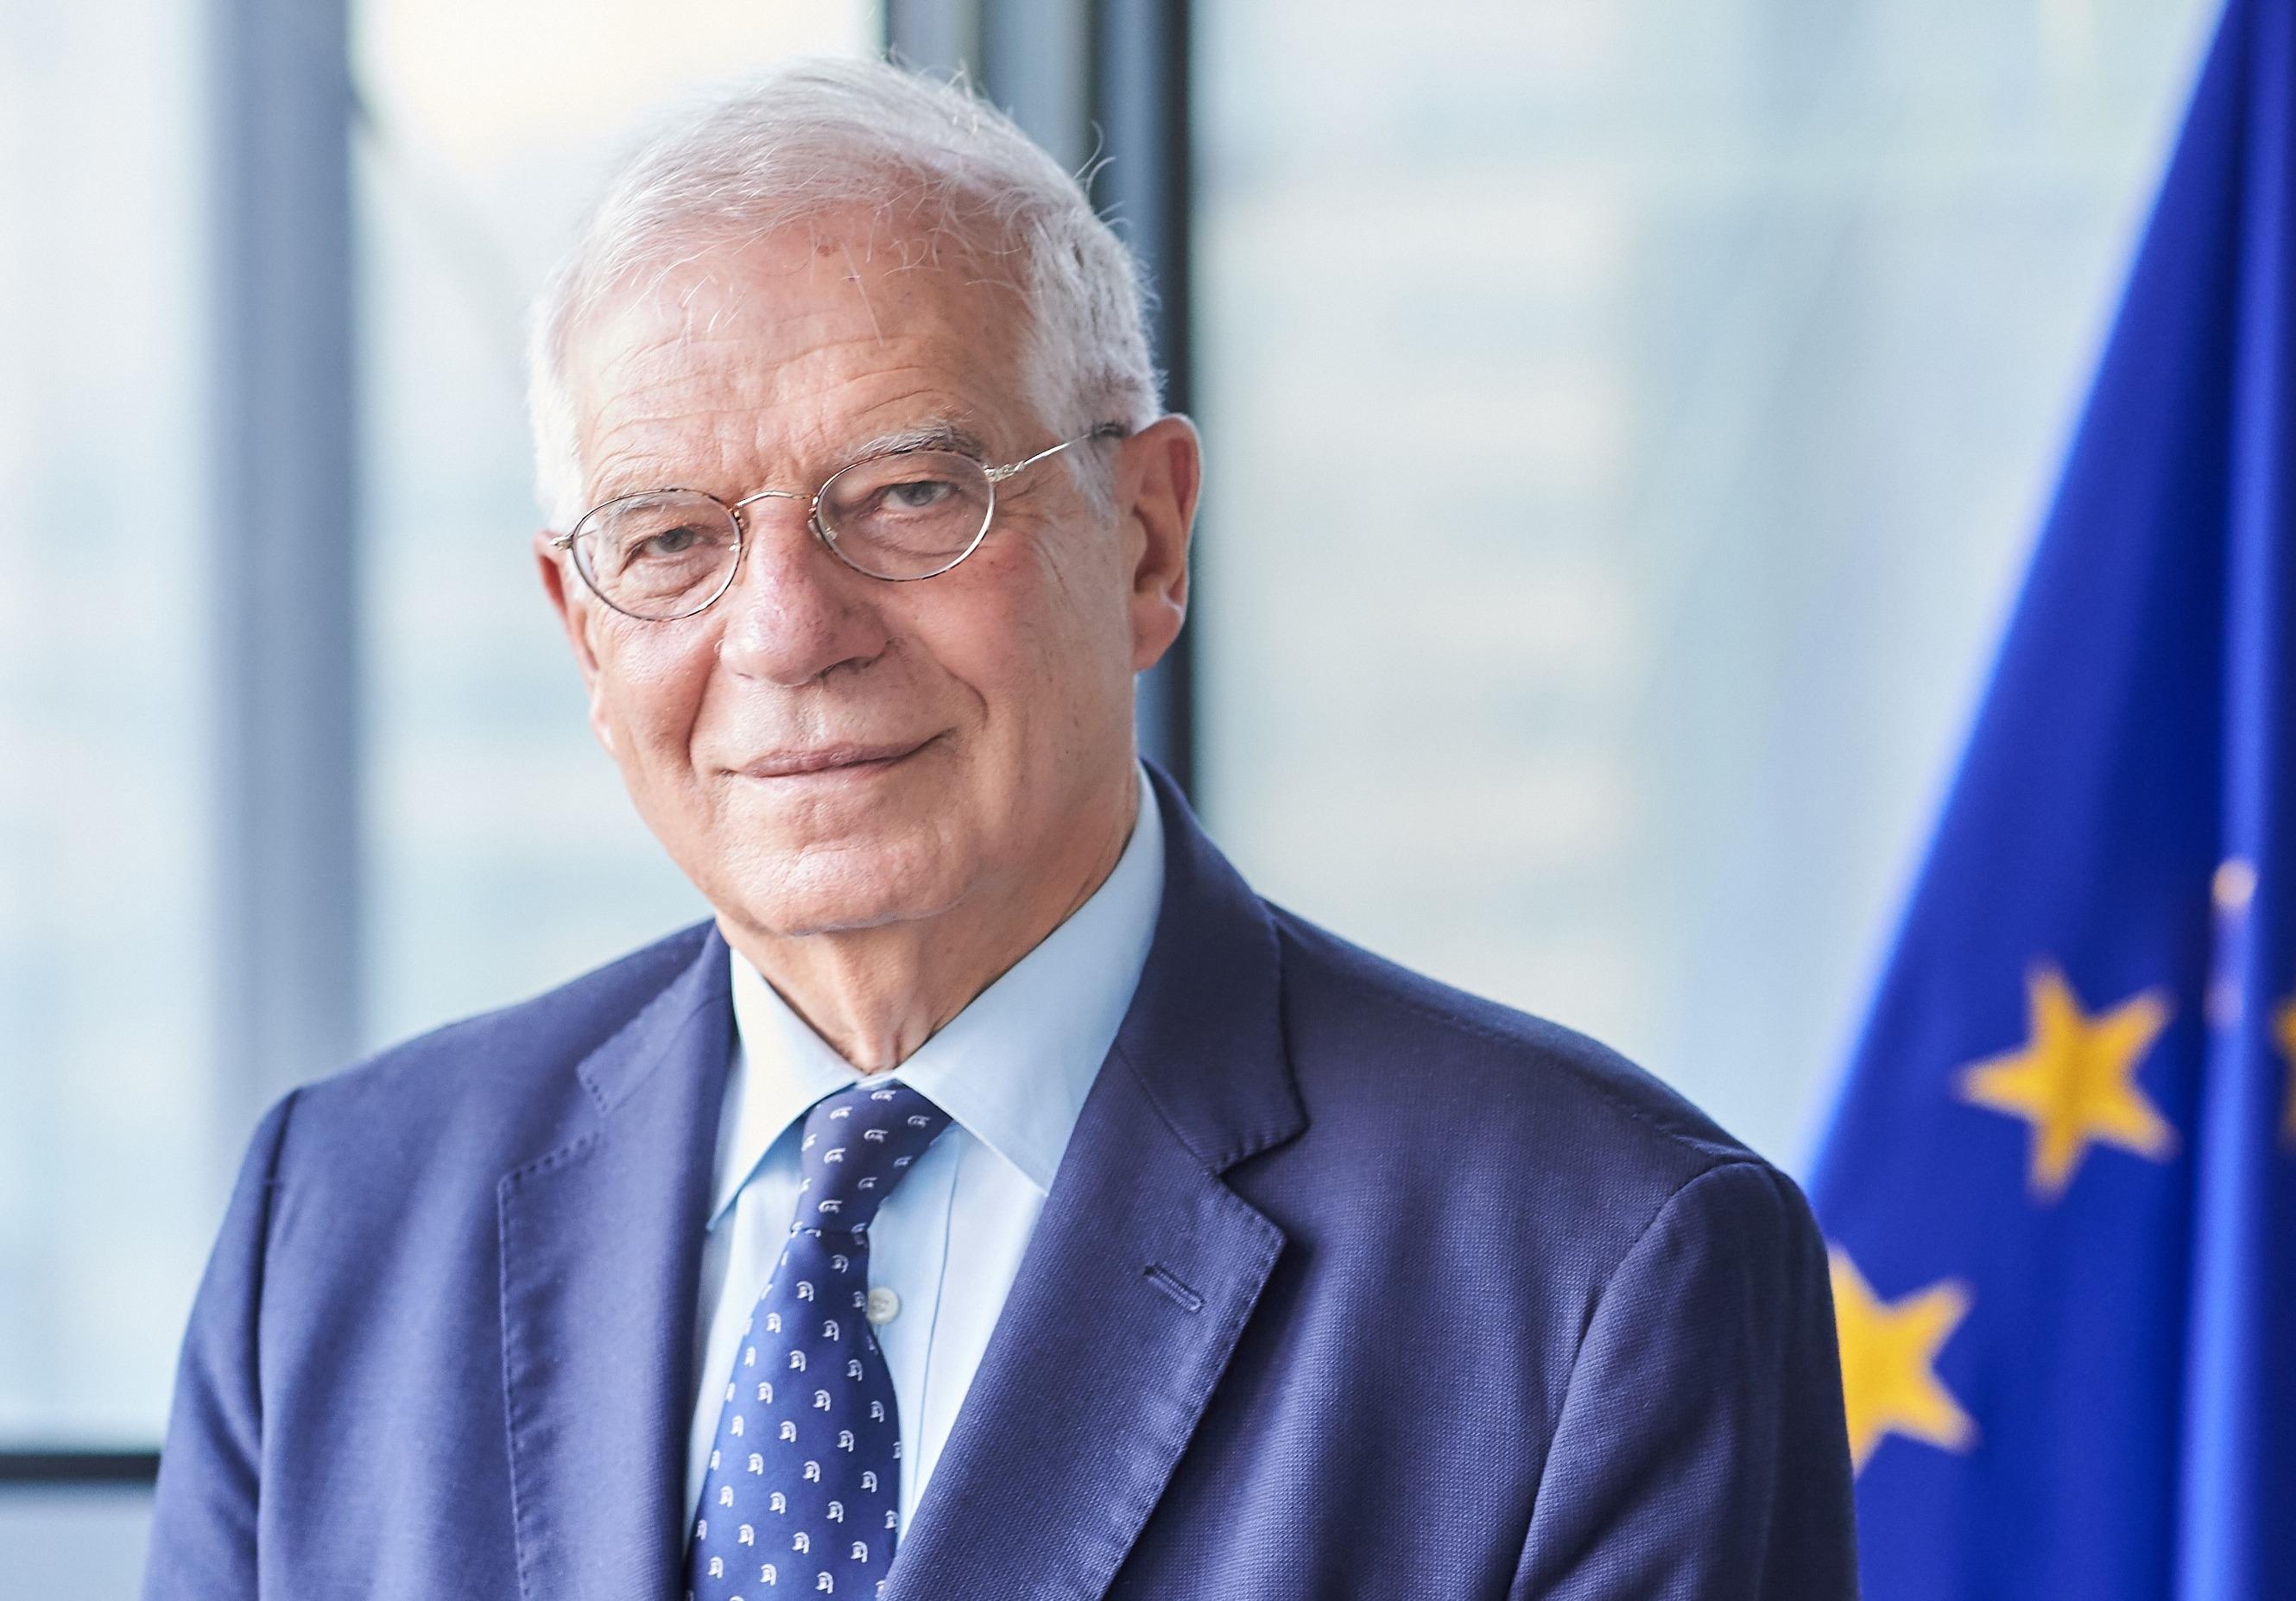 borel-dijalog-kome-posreduje-eu-je-kljucan-za-evropski-put